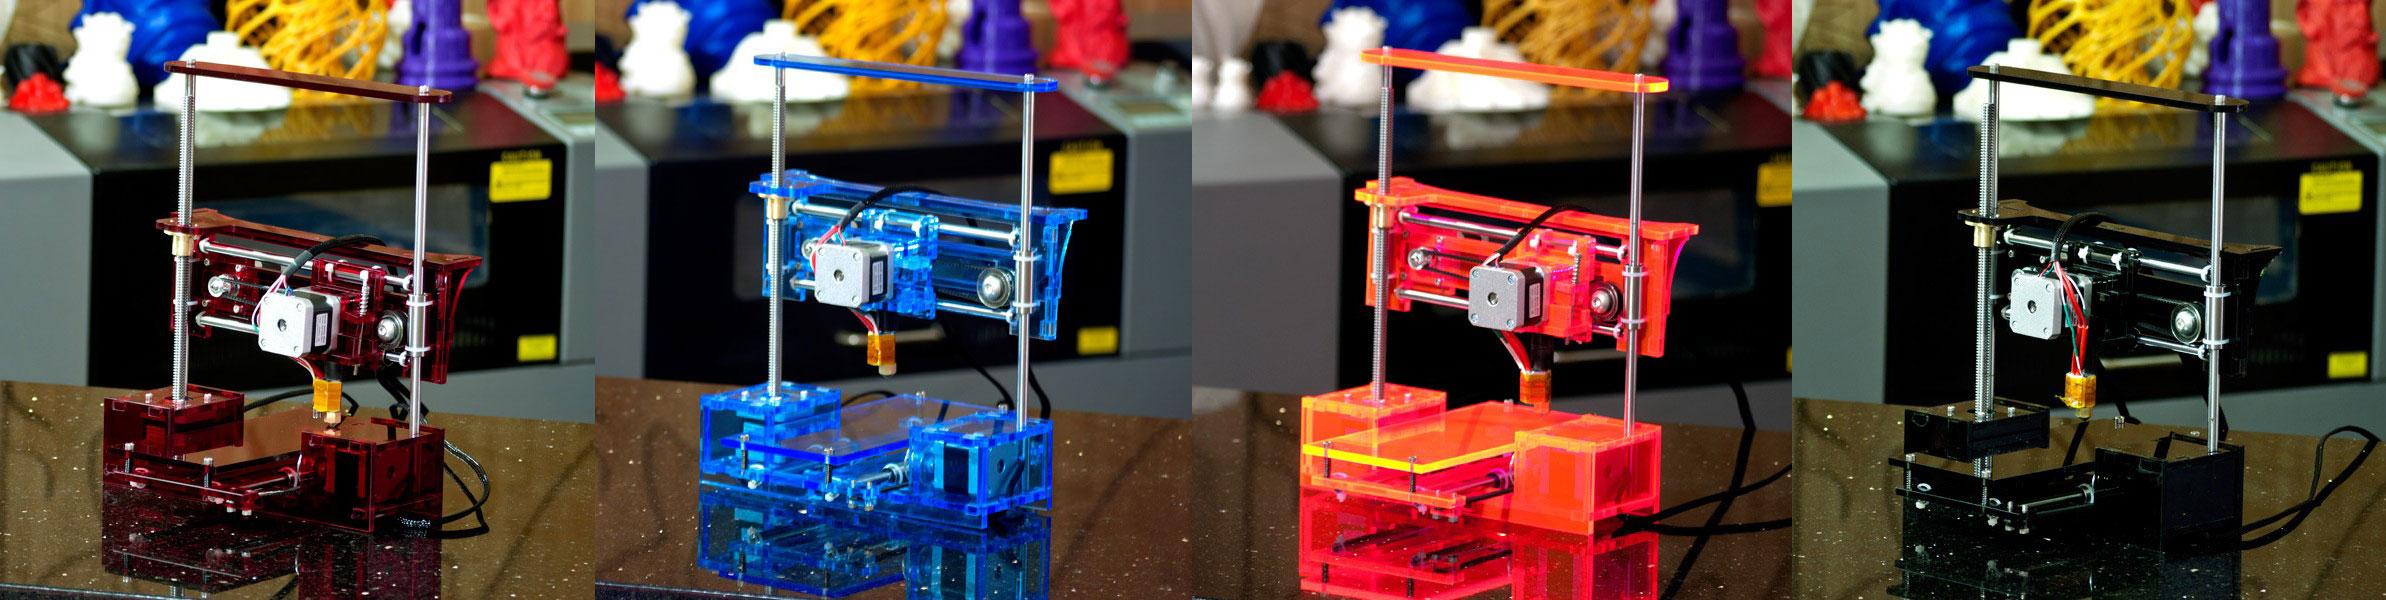 Q3D OneUp 3D Printer